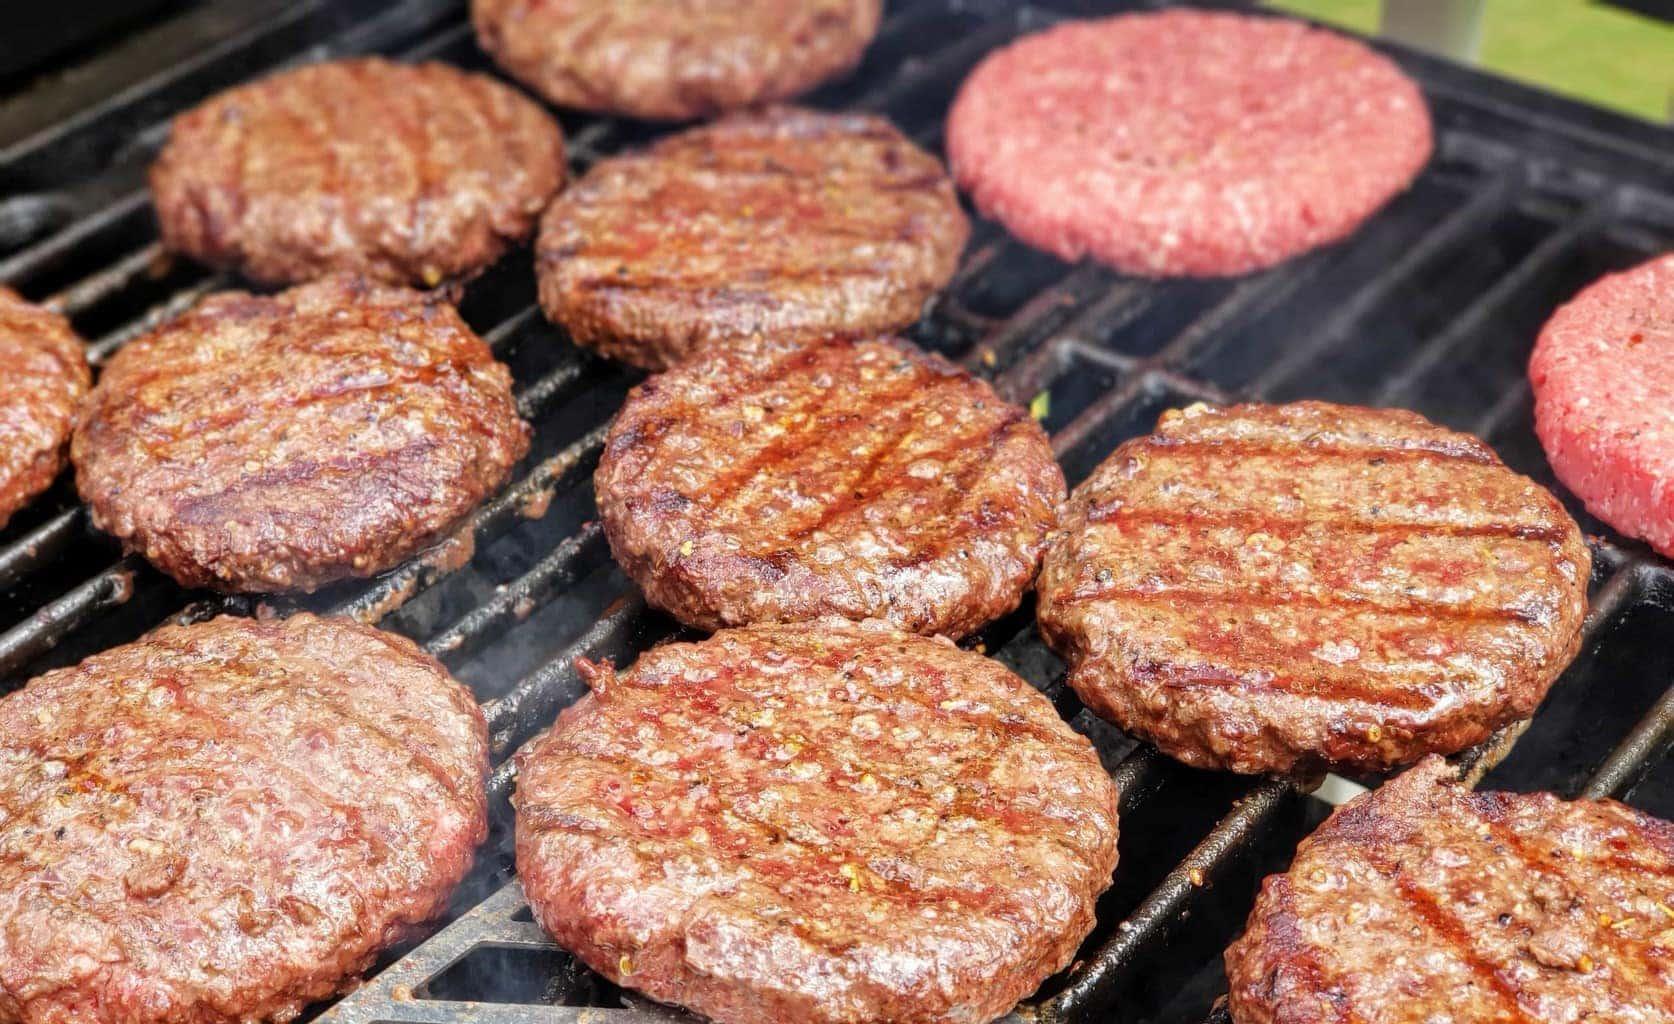 How to make juicy hamburgers